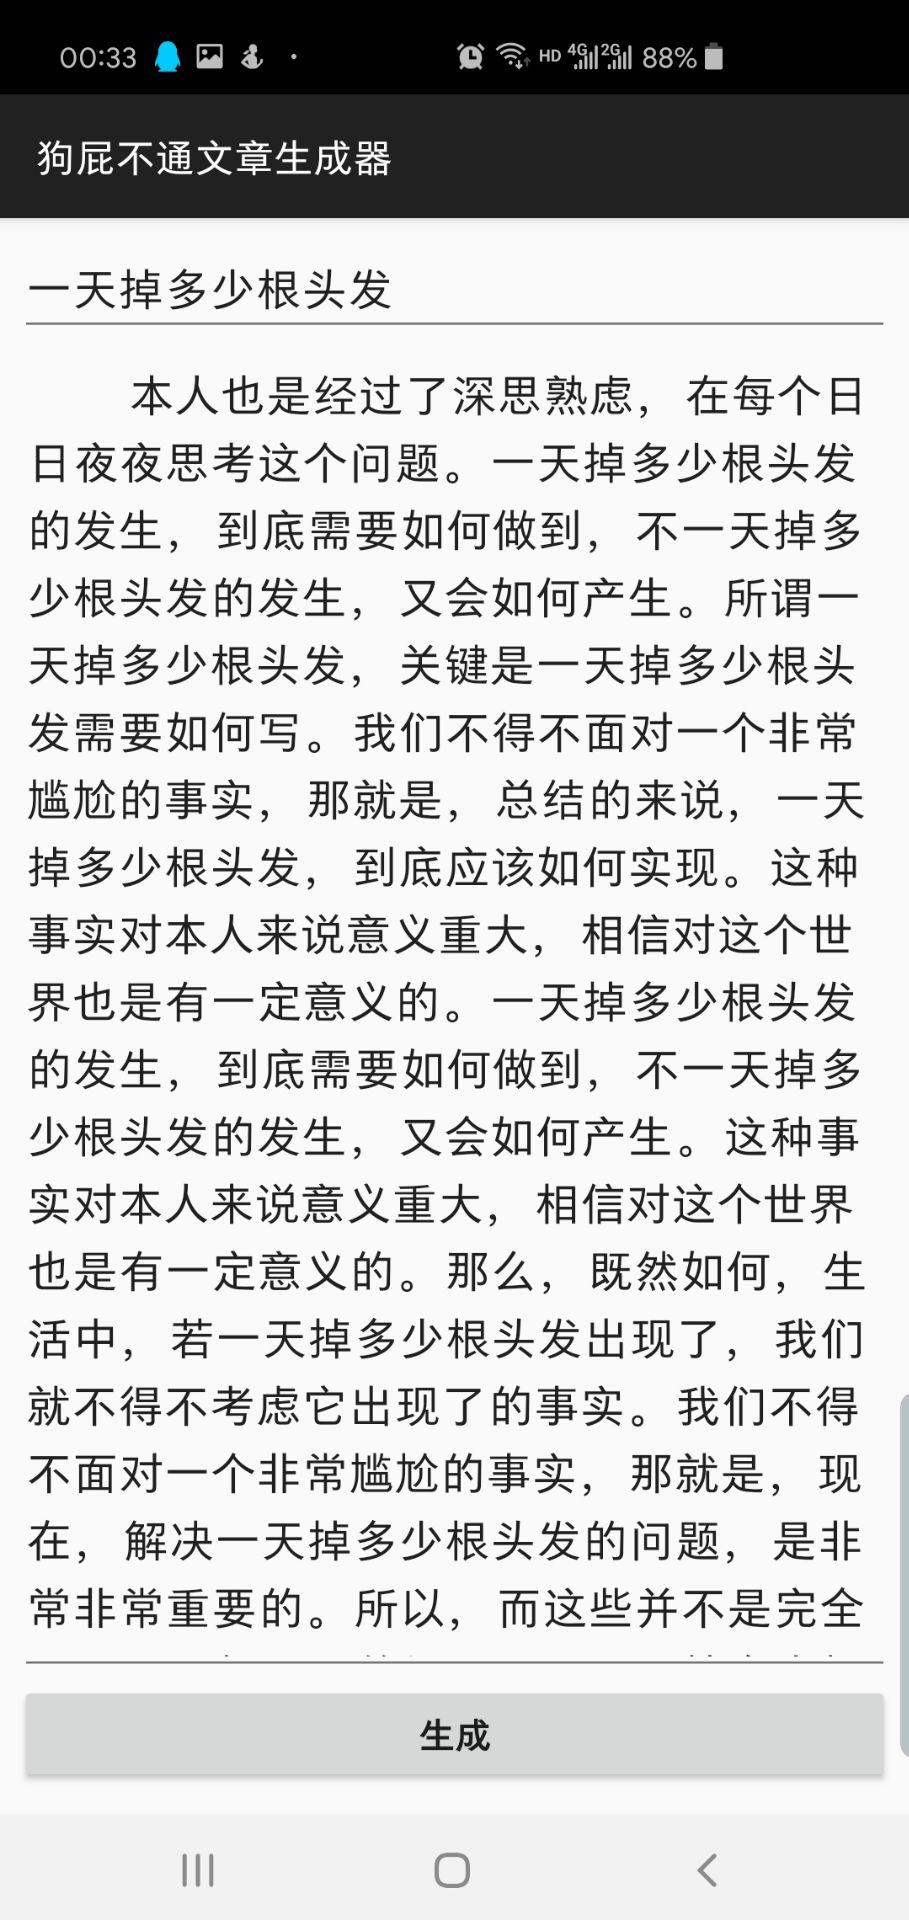 【分享】狗屁不通文章生成器 1.0.0-爱小助